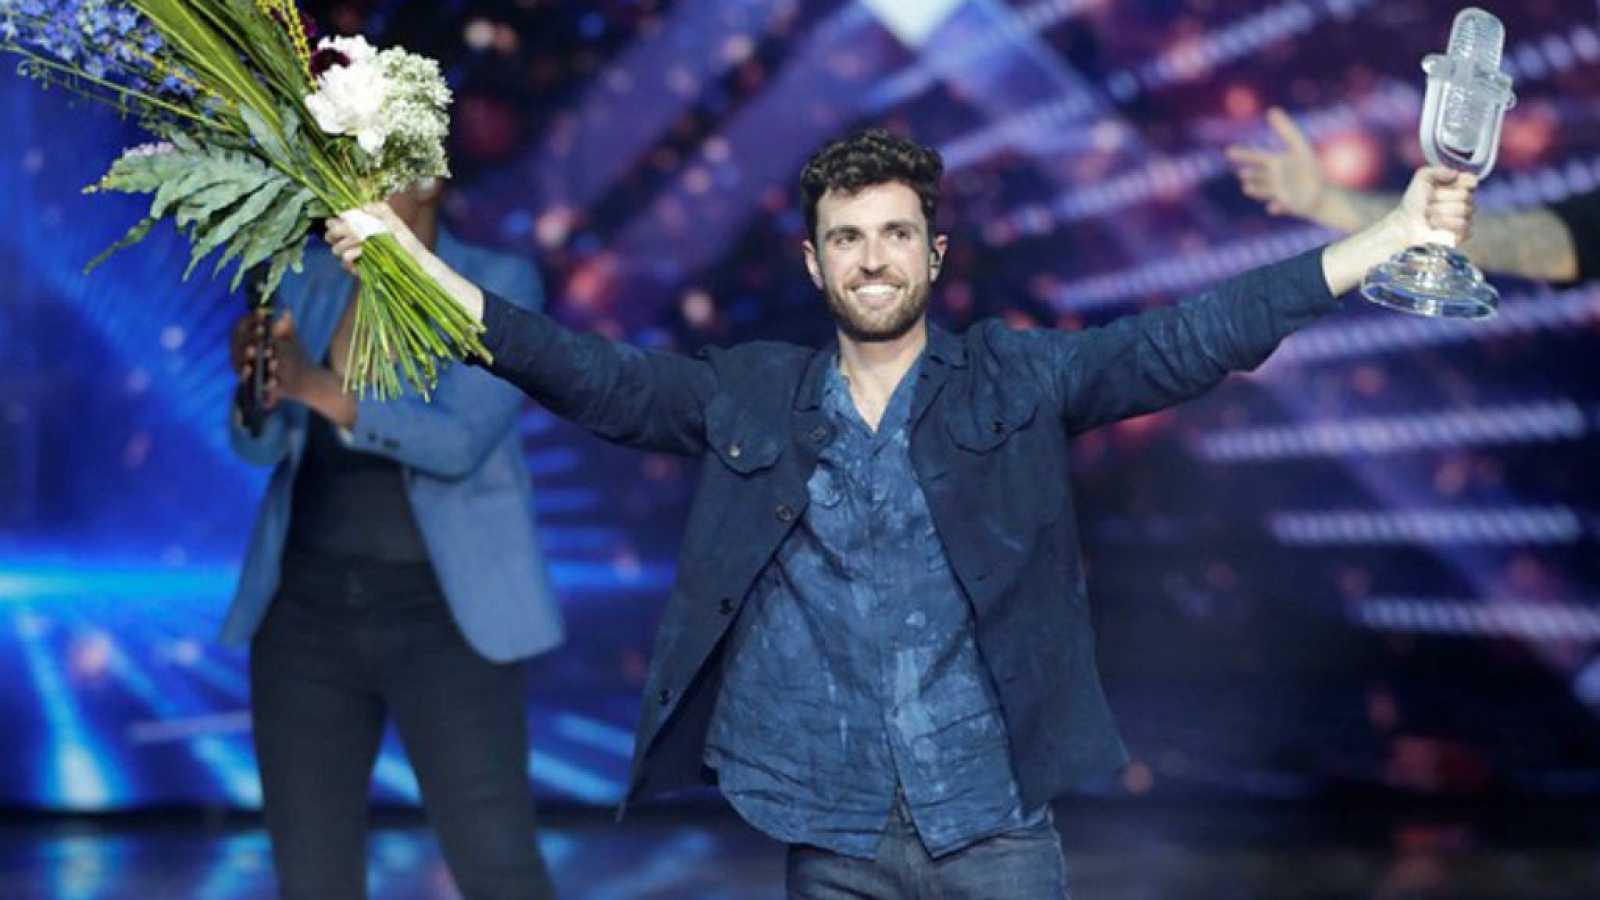 Universo Eurovisión - Las votaciones populares deciden: Holanda - 18/05/19 - Escuchar ahora